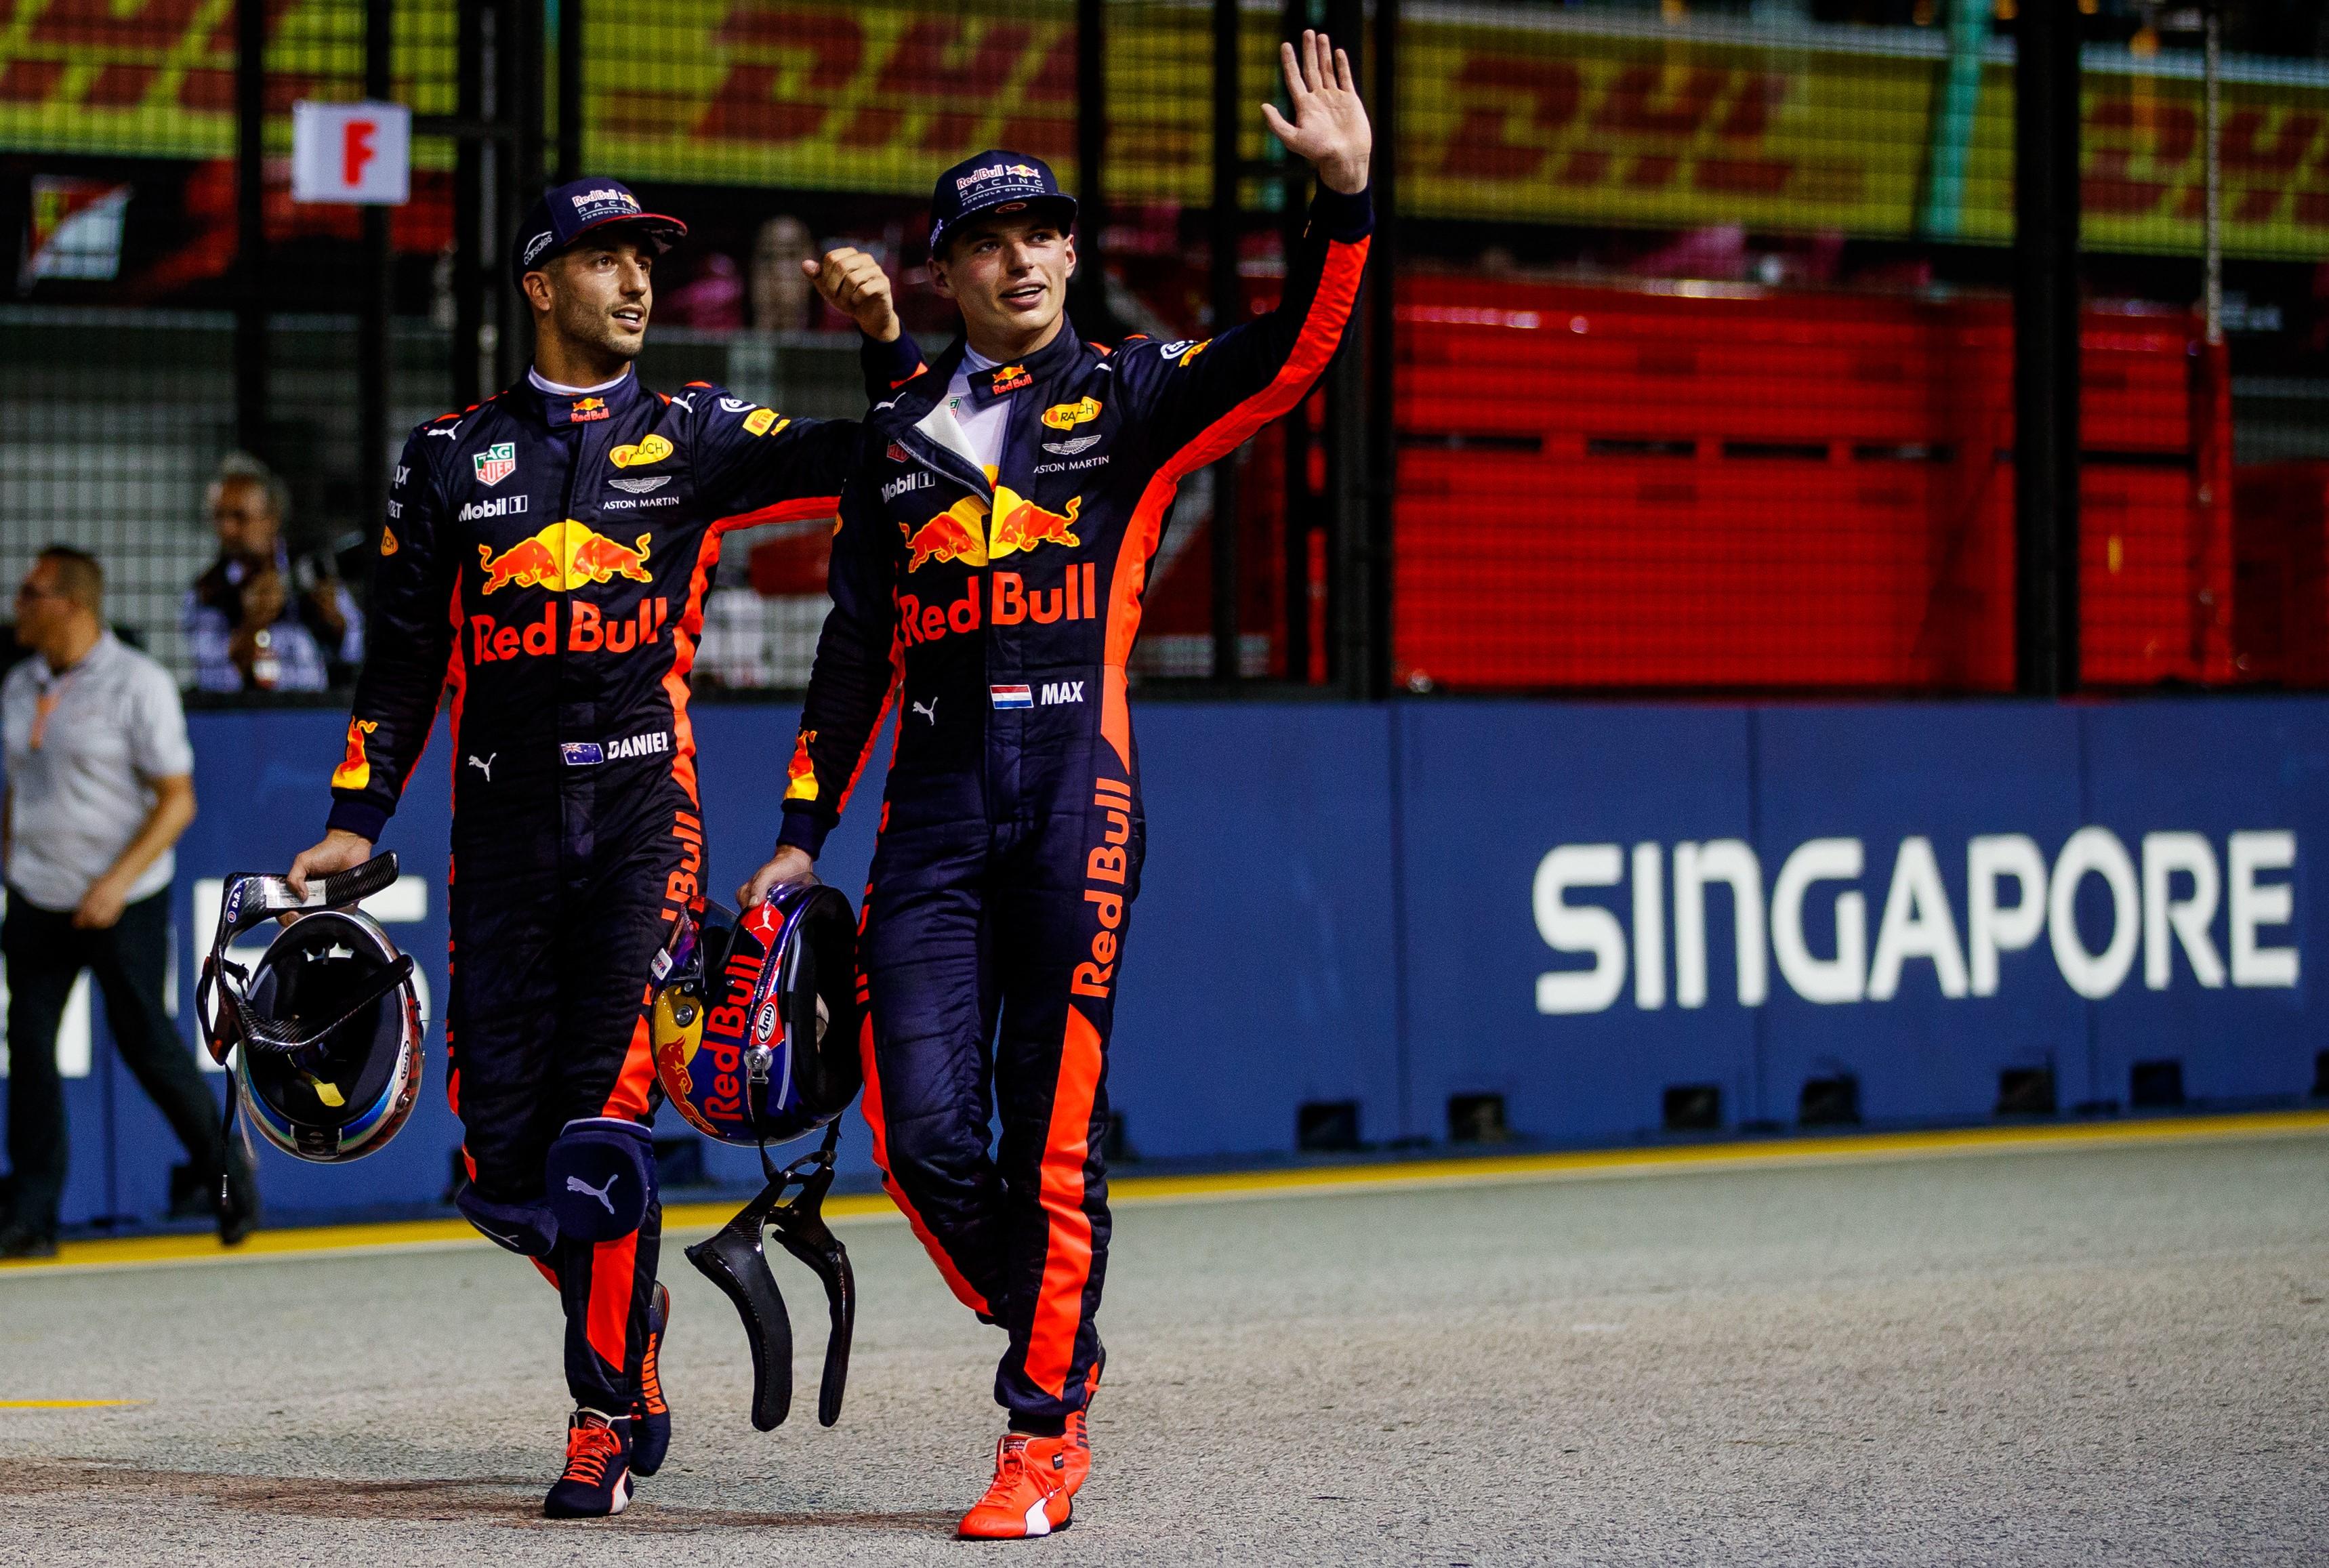 Les Red Bull dominent la deuxième séance d'essais libres à Singapour